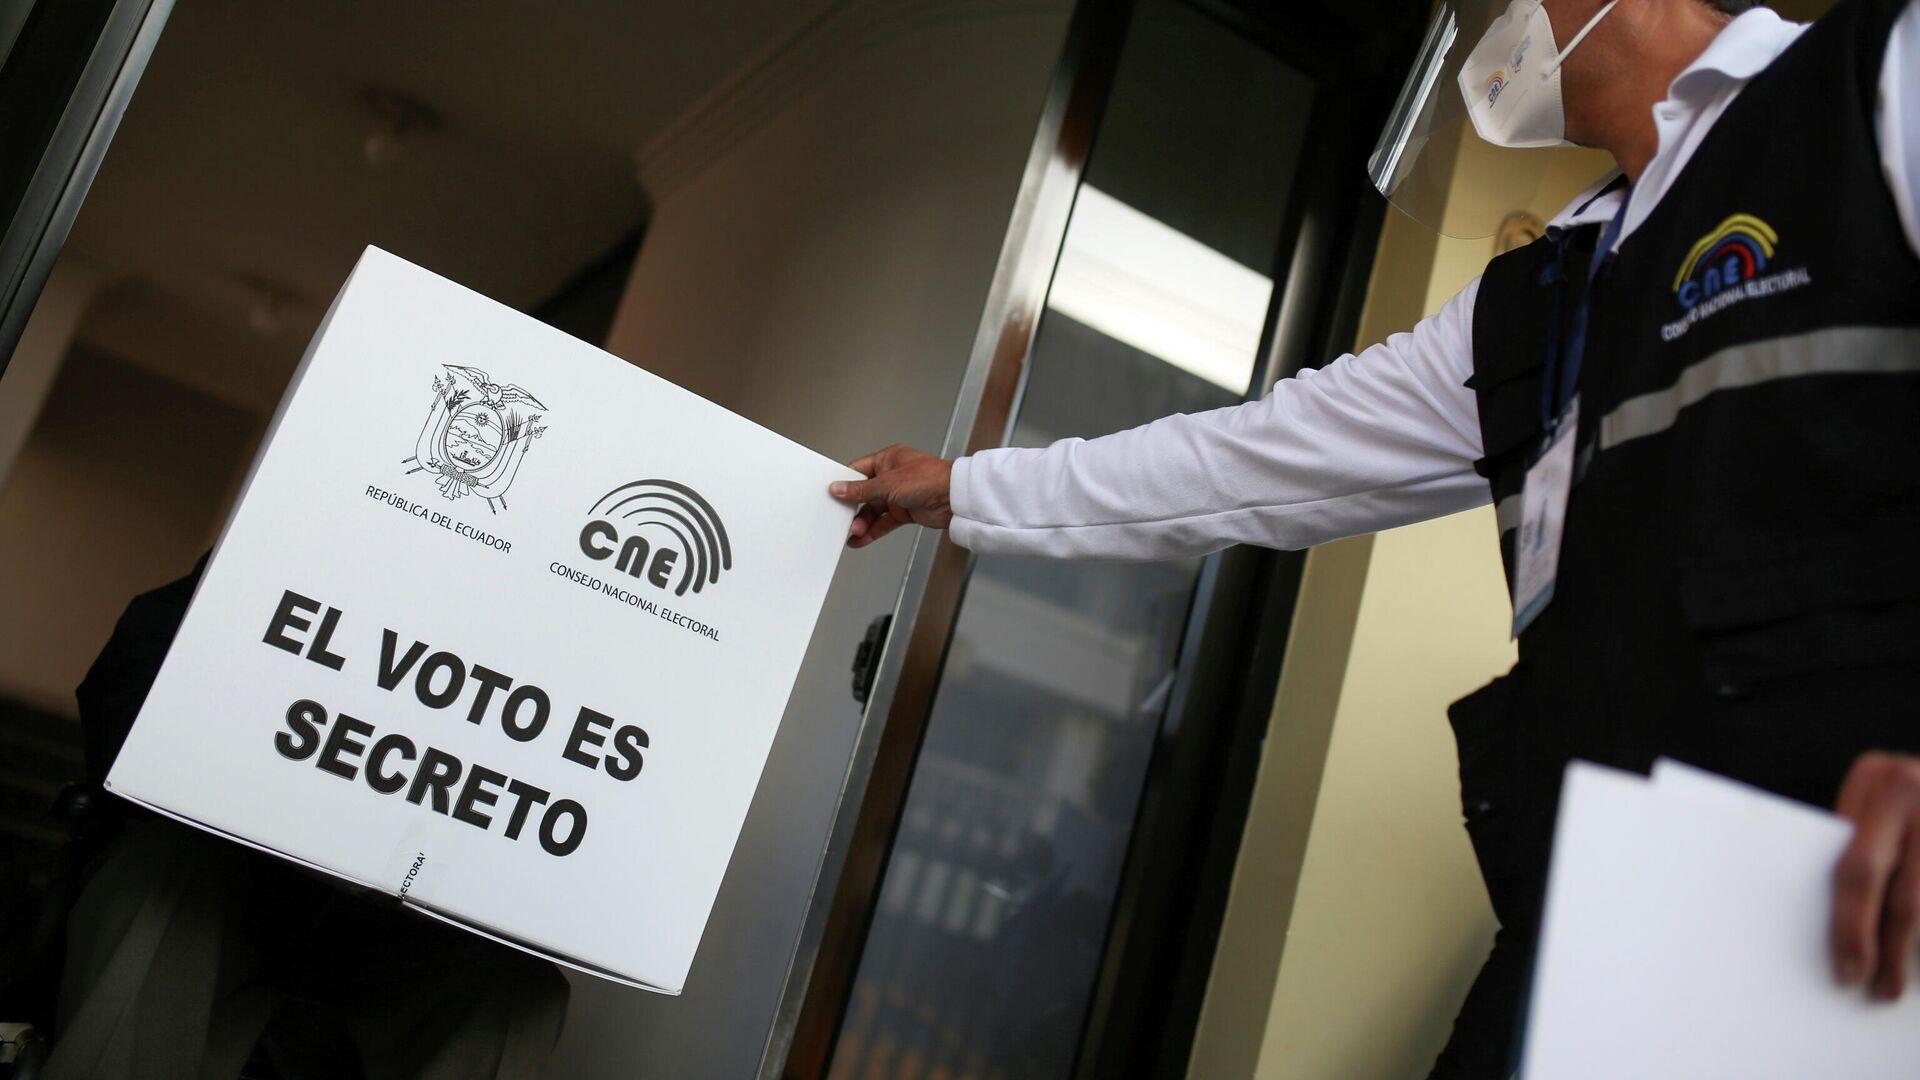 Preparativos para las elecciones en Ecuador - Sputnik Mundo, 1920, 10.04.2021